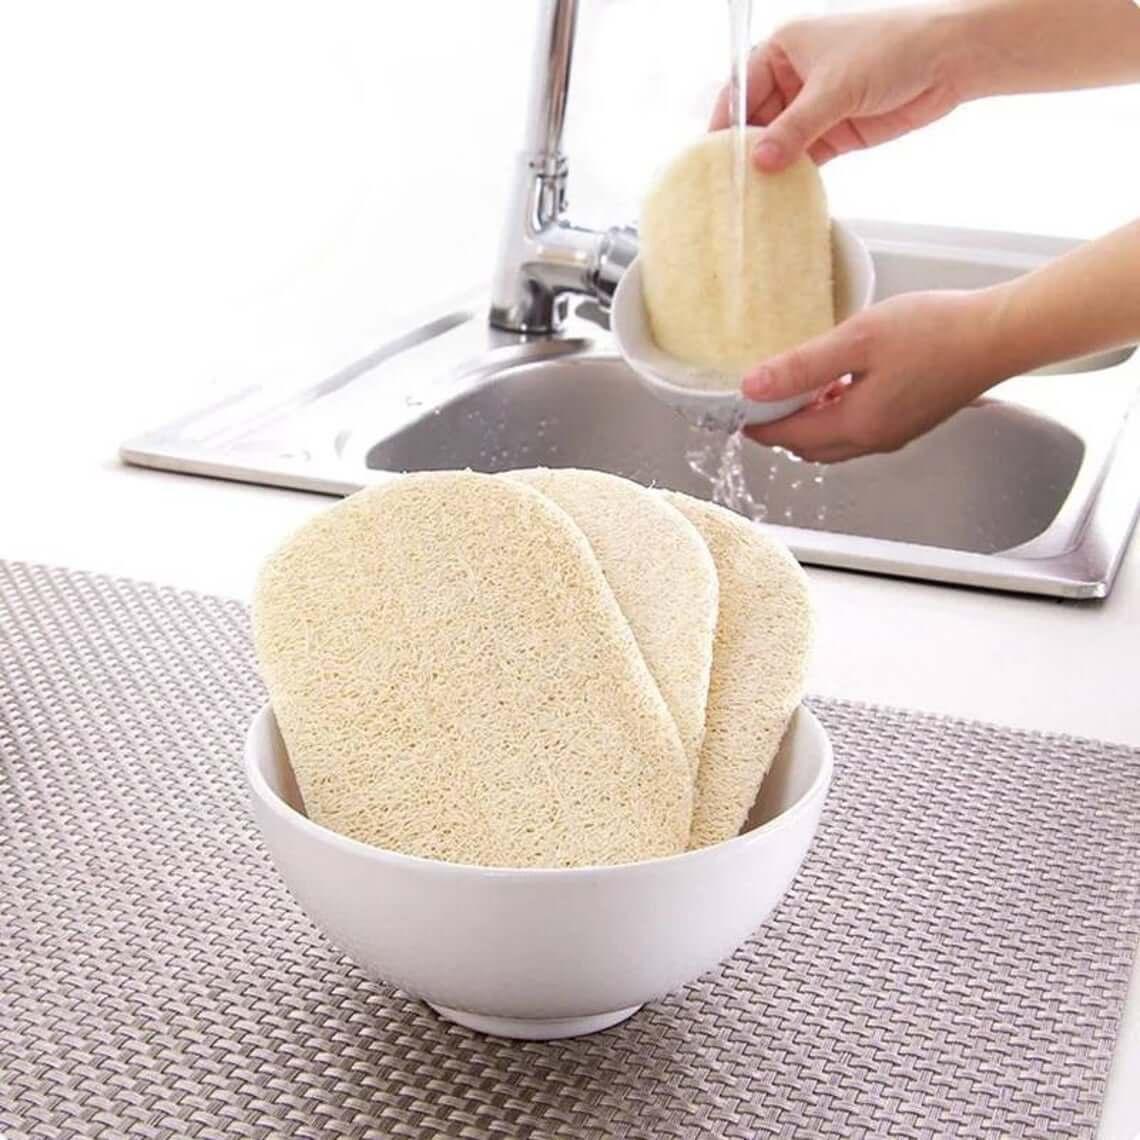 All Natural Loofa Dishwashing Scrubbing Pad